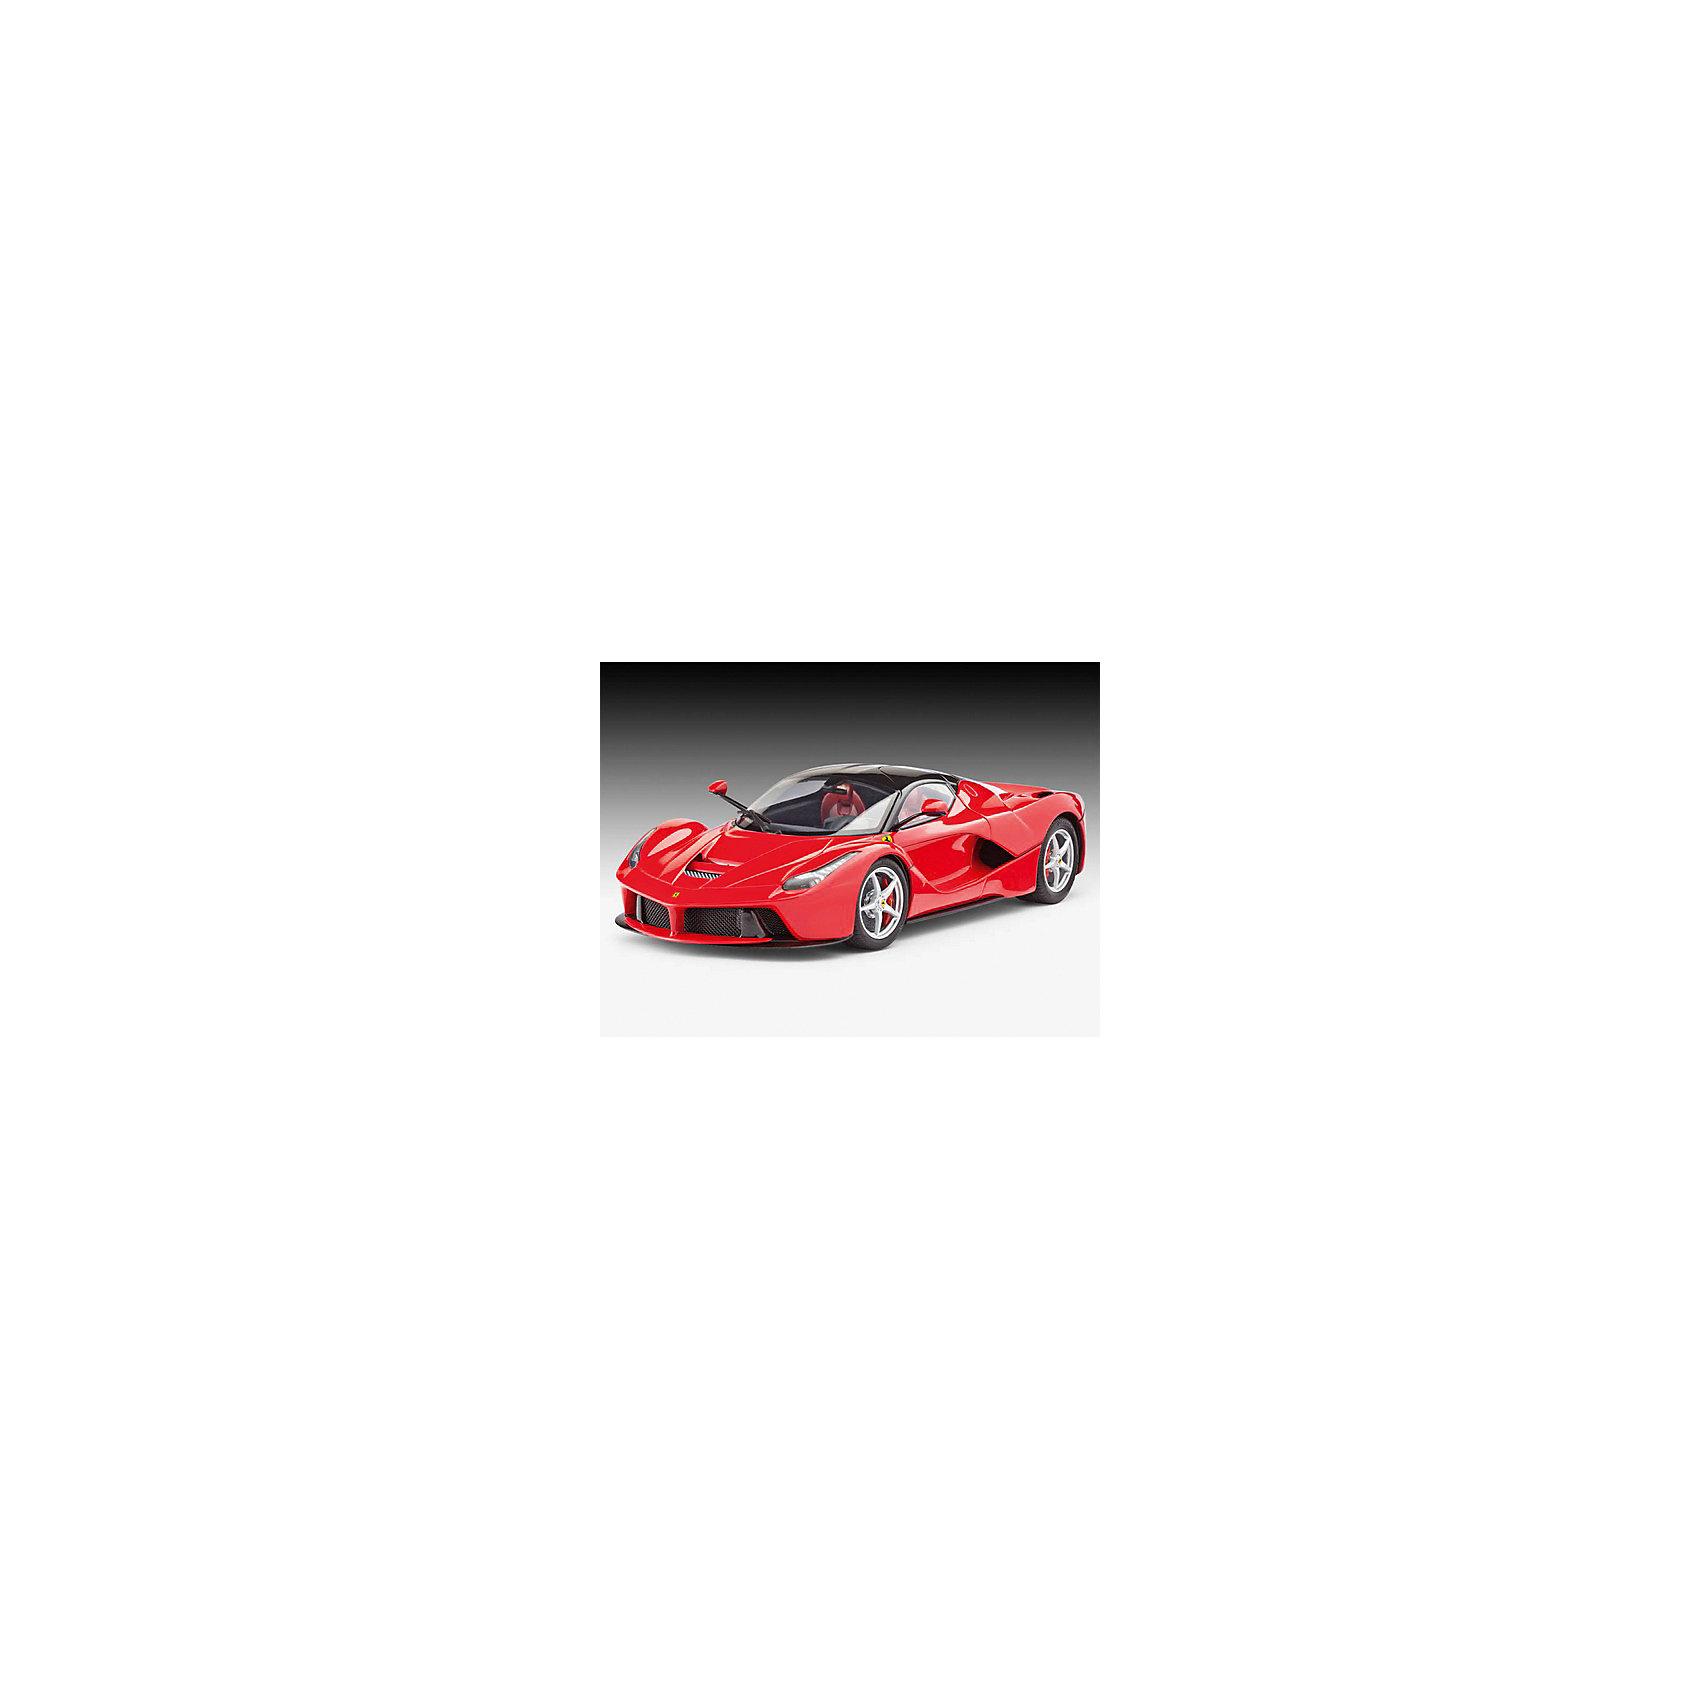 Набор Автомобиль LaFerrari, RevellСборные модели транспорта<br>Эта, несомненно, фантастическая спортивная машина отличается не только своим потрясающим дизайном, но и невероятной эффективностью. Автомобиль LaFerrari с двумя сиденьями оснащён мощным 6,3 литровым двигателем V12 в 800 лошадиных сил, а также дополнен двумя электрическими двигателями общей мощностью в 163 лошадиных силы. Этот невероятный автомобиль с гибридным двигателем достигает скорости в 200 км/час мене, чем за 7 секунд, а максимальная скорость достигает 350 км/час.  Шикарная сборная модель знаменитого спорт-кара LaFerrari впечатляет своей внимательностью к деталям, ведь благодаря им макет в масштабе 1:24 так схож с оригиналом. Корпус автомобиля проработан в мельчайших подробностях и имеет фактурные поверхности. Интерьер с подлинной приборной панелью превосходно детализирован. Колёса машина вращаются, а под открывающимся капотом располагается уникальный 12-цилиндровый двигатель идеально скопированный с оригинала. Некоторые детали машины хромированы для большей достоверности. Всего модель состоит из 139 отдельных компонентов, которые необходимо собрать, склеить и покрыть краской в соответствии с инструкцией в комплекте. Также в наборе прилагаются комплект красок с кисточкой, клей в удобной упаковке, а также комплект наклеек с международными регистрационными номерами. Длина готовой модели после сборки составляет 198 мм.  Неповторимая сборная модель великолепного спортивного автомобиля LaFerrari, произведённая немецкой компанией Revell, предназначена для детей от 12 лет. Макет настоящего гоночного болида от Ferrari определённо принесёт уйму положительных эмоций не только юному поклоннику моделирования, но и взрослому любителю, ведь моделирование – один из наиболее полезных и увлекательных хобби. Оно превосходно тренирует мелкую моторику, развивает такие навыки как усидчивость, аккуратность и внимательность. Кроме того, развивается пространственное мышление, логика и креативность.<br><br>Набор Автомобиль